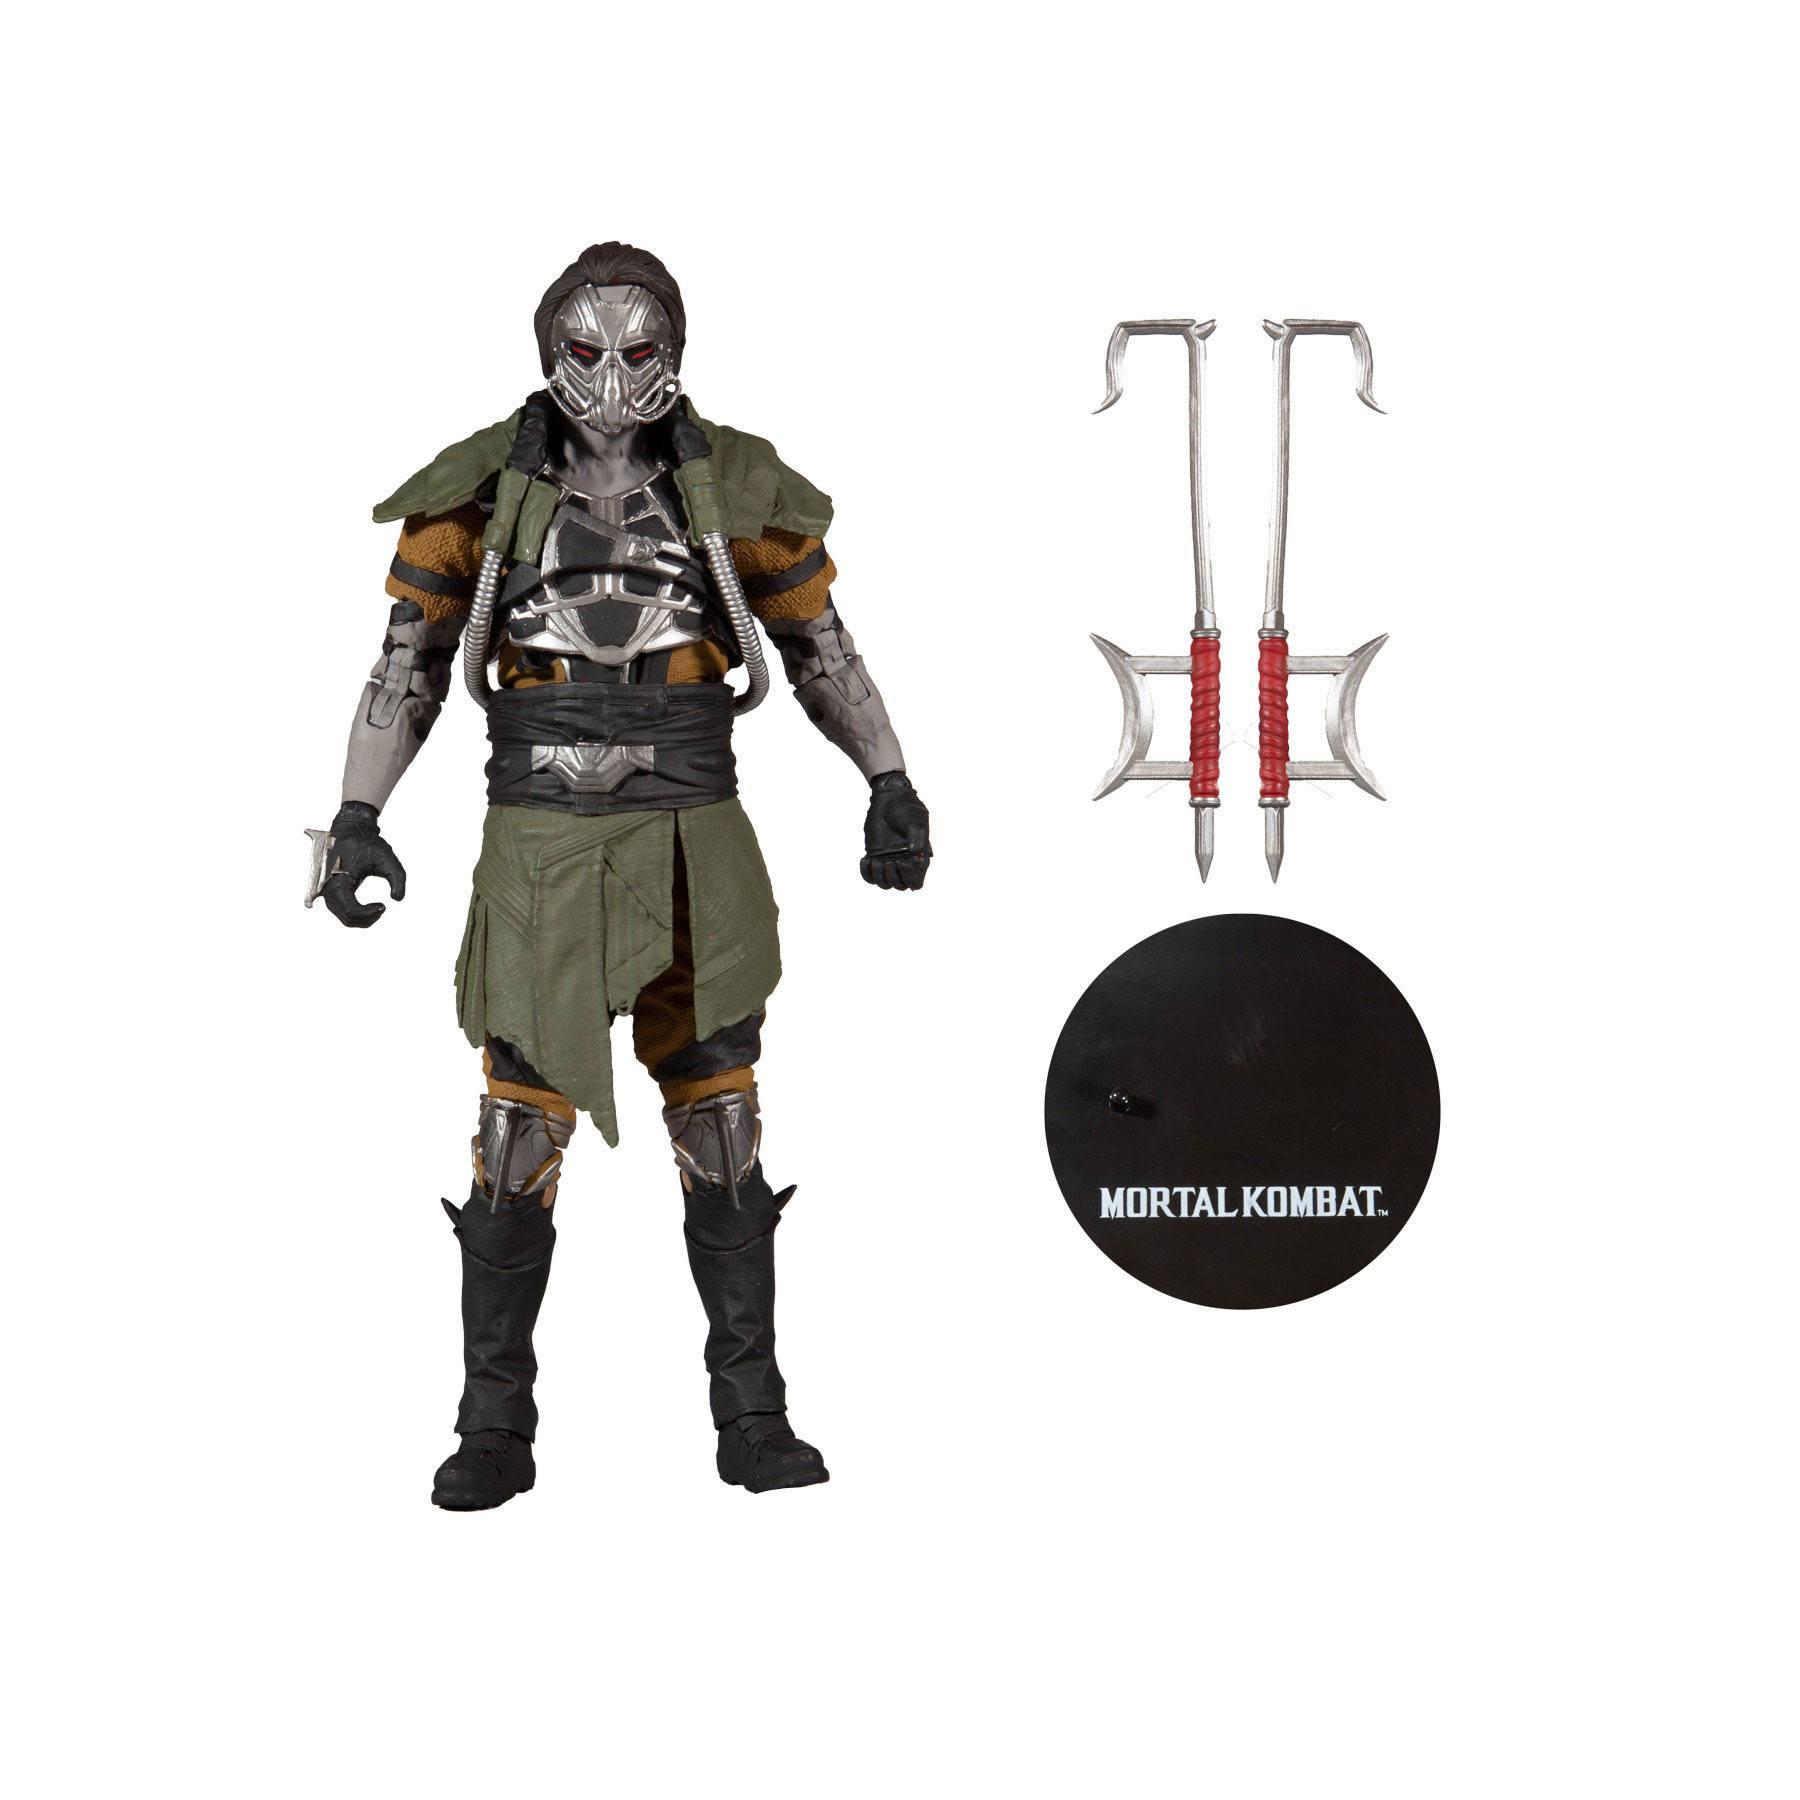 Mortal Kombat Actionfigur Kabal: Hooked Up Skin 18 cm MCF11047-0 787926110470